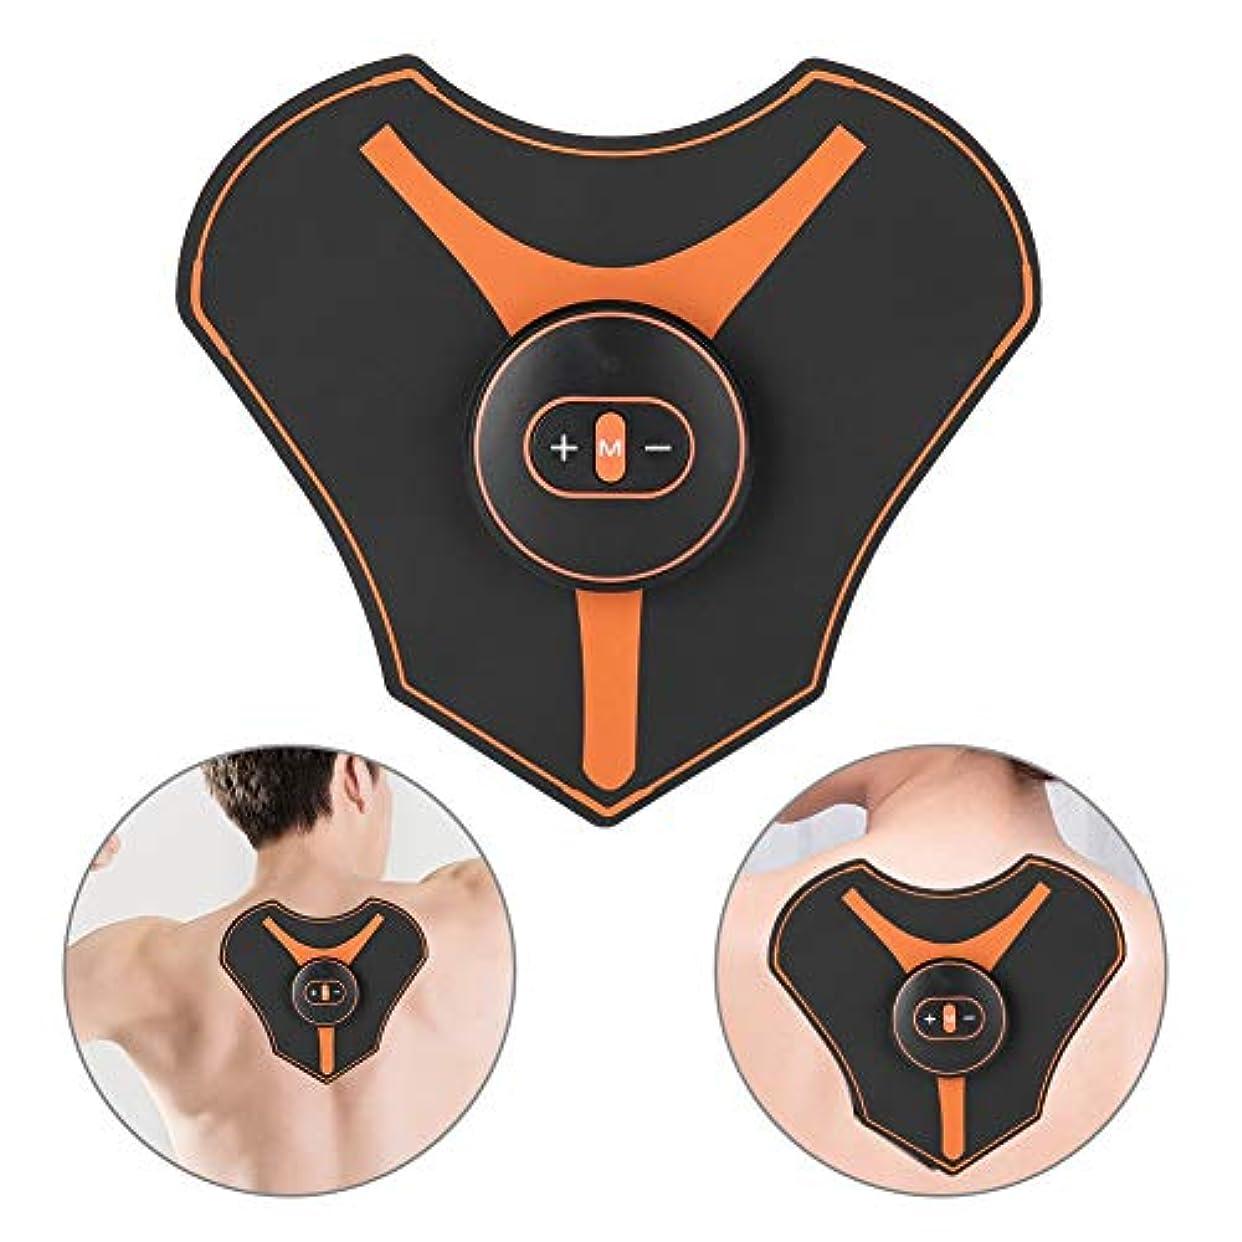 君主制合金大頸部マッサージパッド、ミニ頸部マッサージャー多機能ショルダーネックマッサージパッド頸椎は、肩、背中、足、足、体の筋肉痛のためにリラックスします